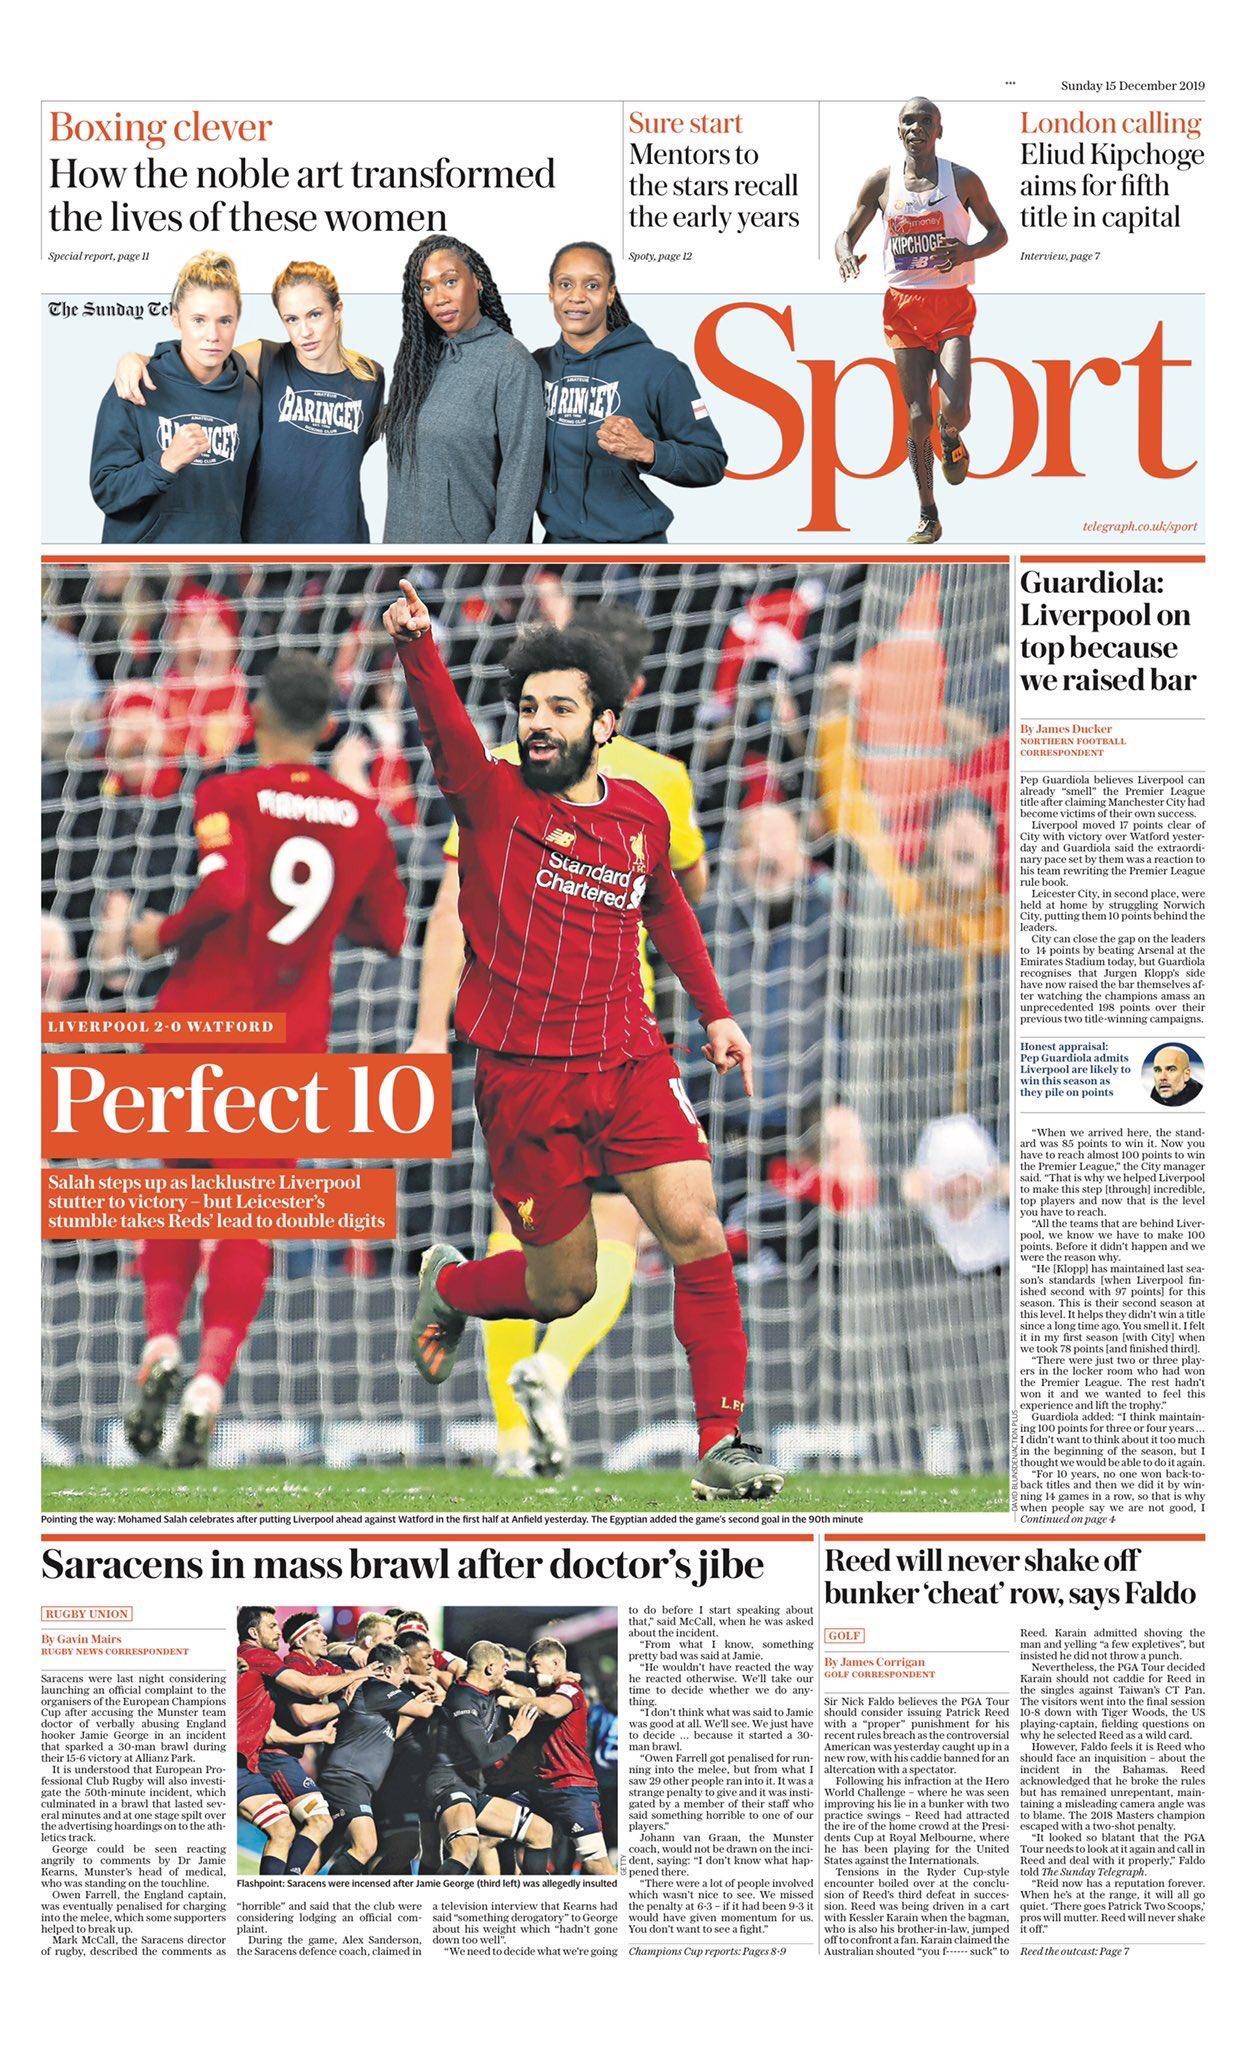 غلاف صحيفة التليجراف